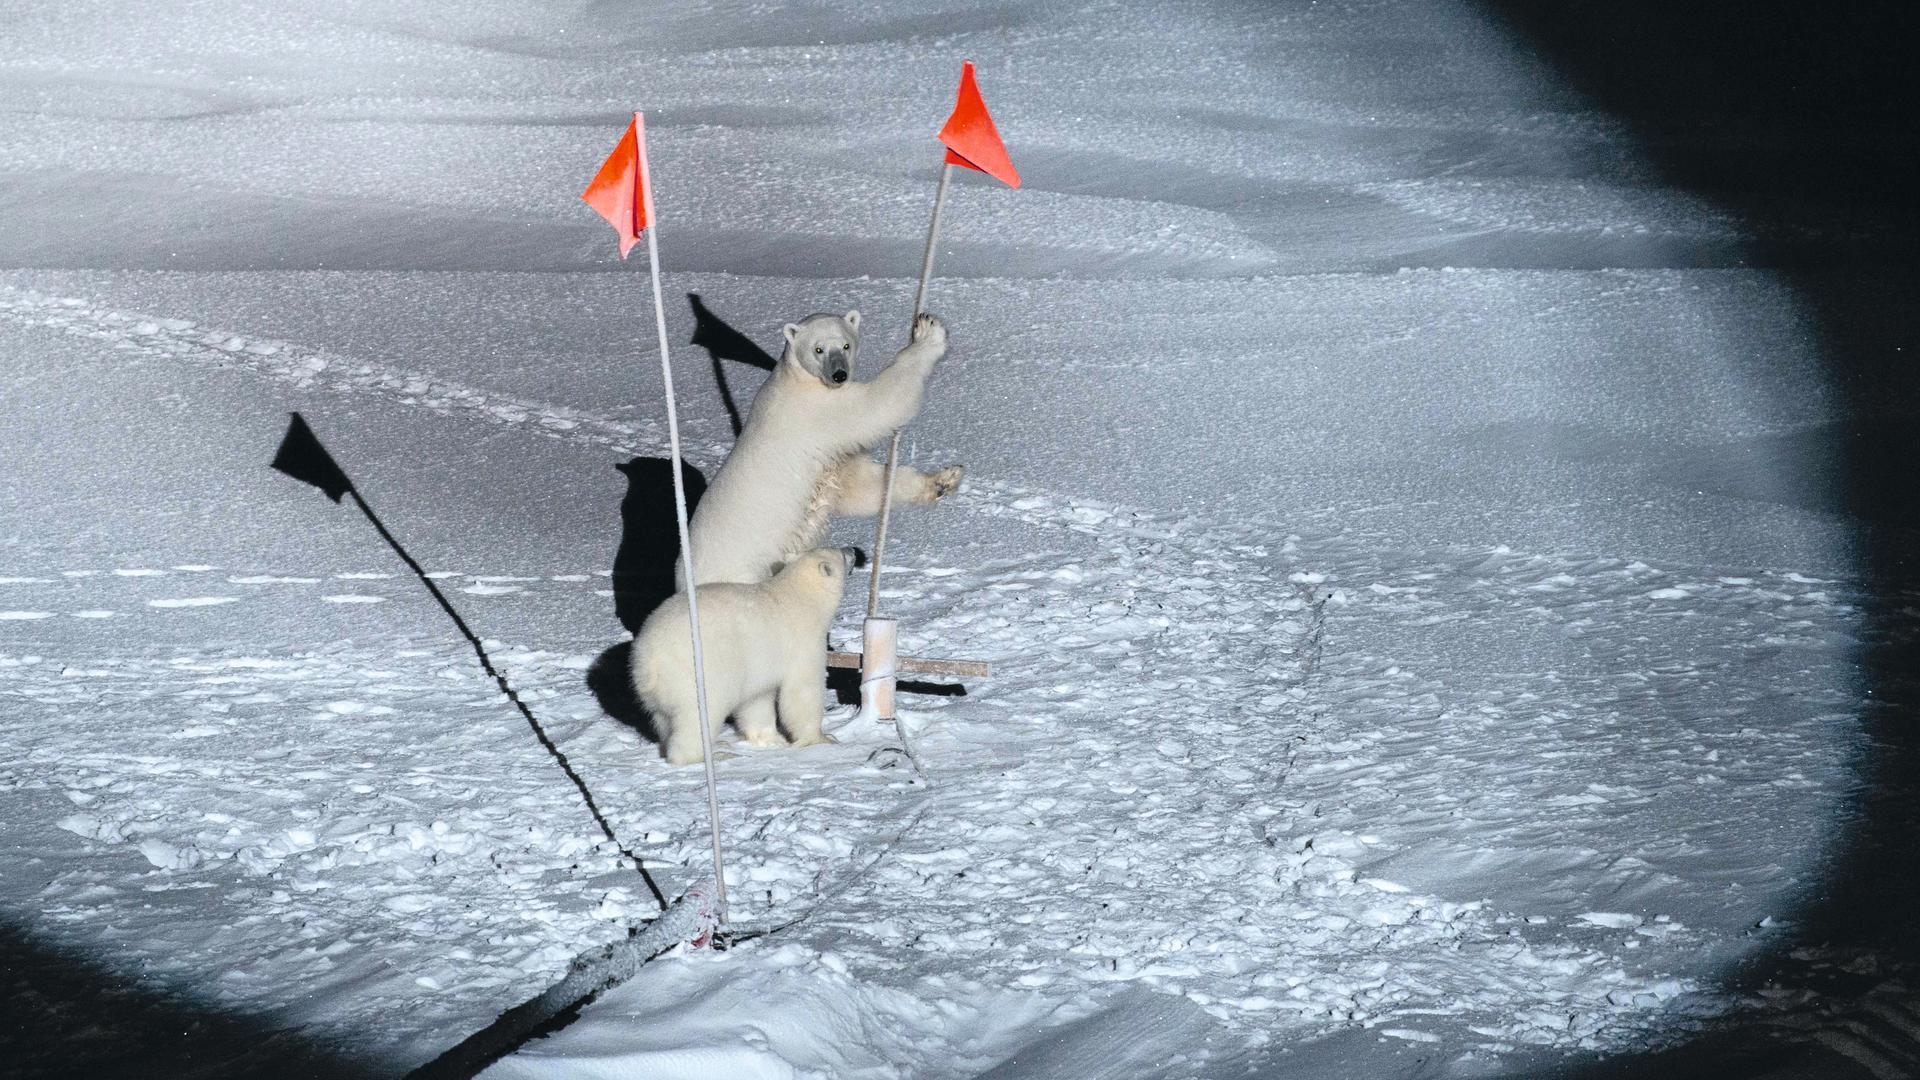 """Neugierige Besucher im arktischen Forschungscamp: Eine Eisbärenmutter und ihr Bärenkind interessieren sich für Fähnchen in der Umgebung des Eisbrechers """"Polarstern""""."""